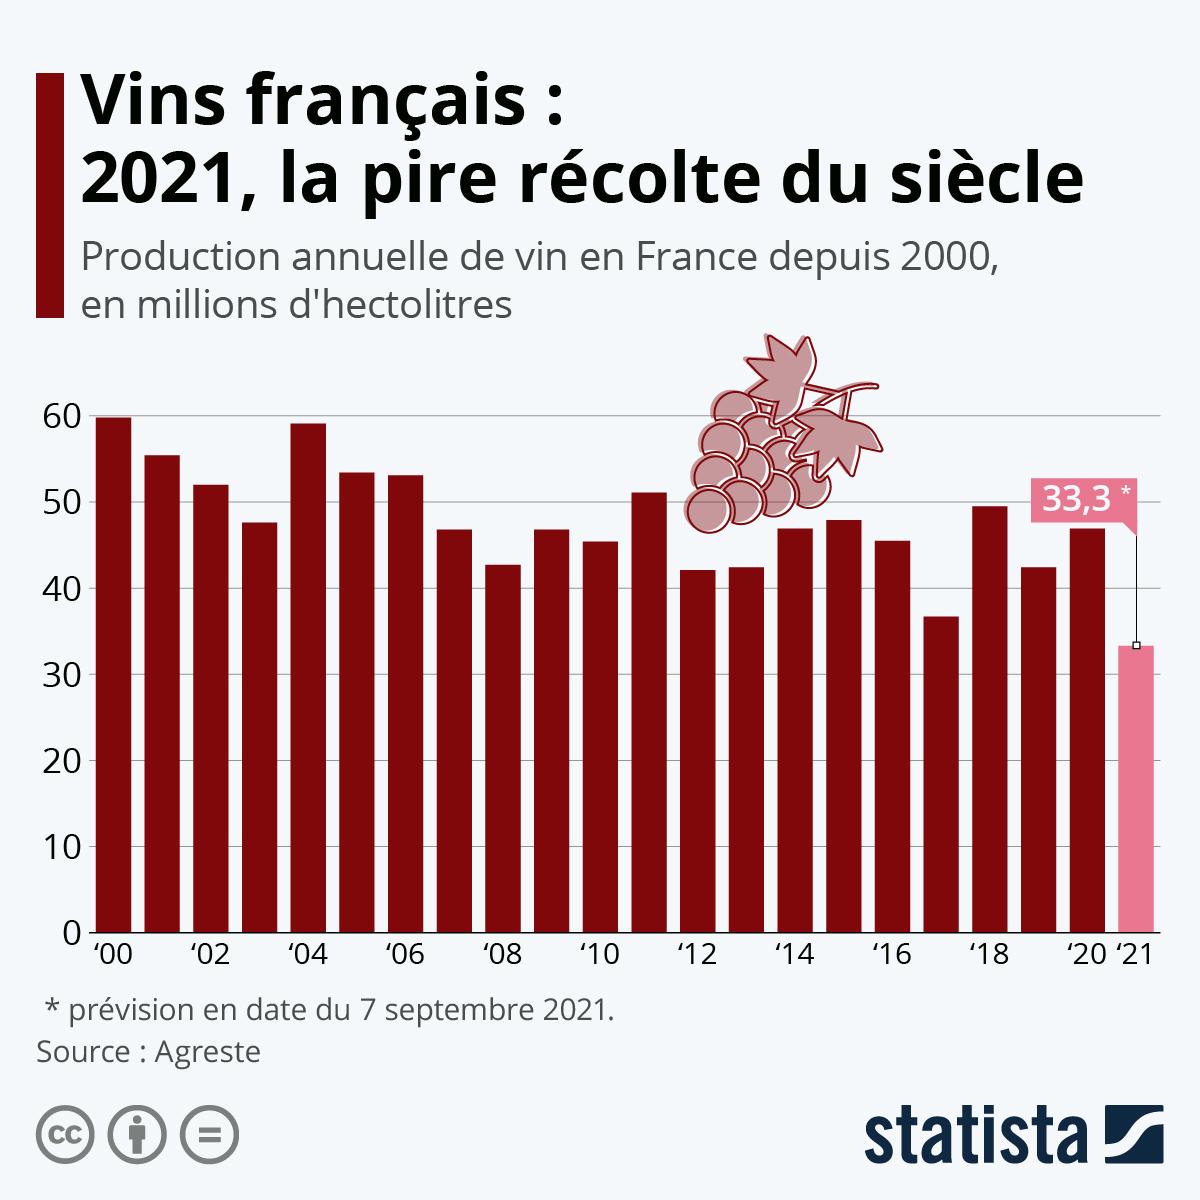 Infographie: Vins : la récolte 2021 s'annonce comme la pire du siècle   Statista